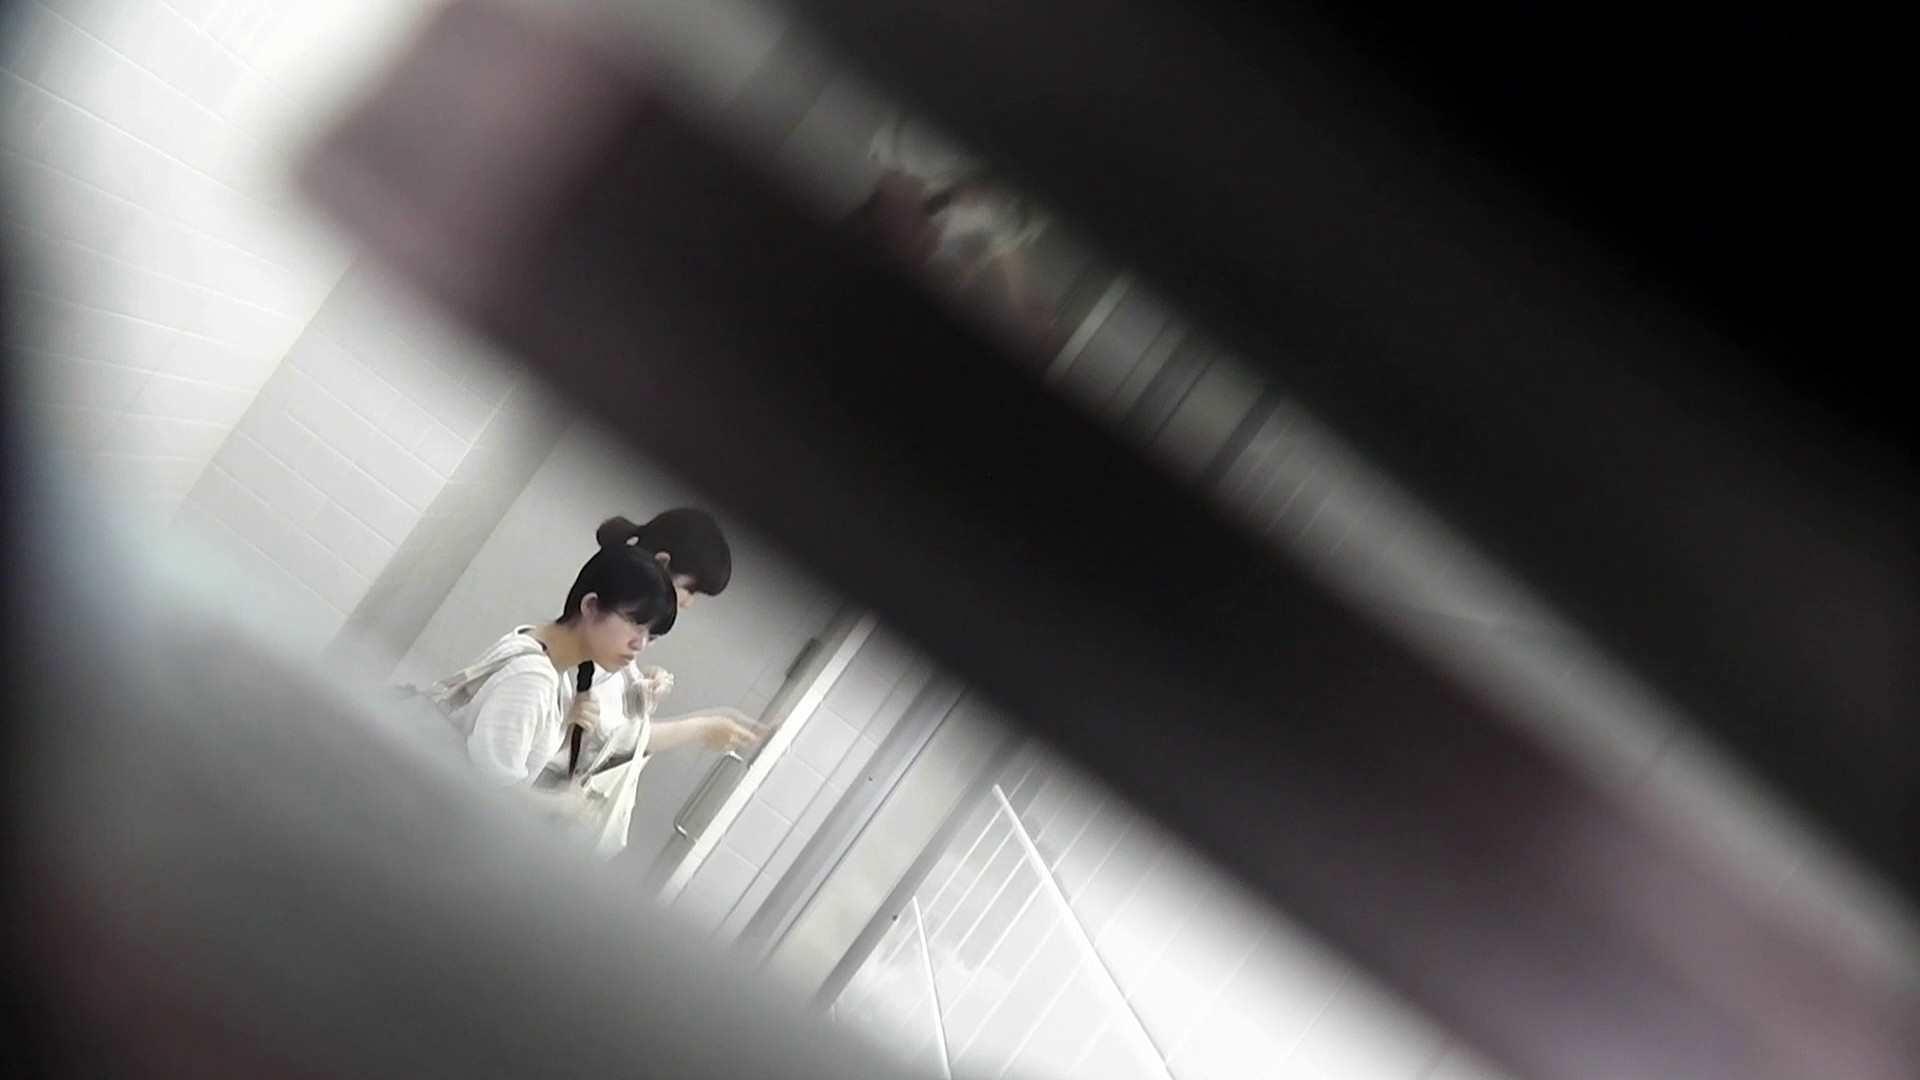 お銀 vol.72 あのかわいい子がついフロント撮り実演 美人編 | 洗面所  71画像 1